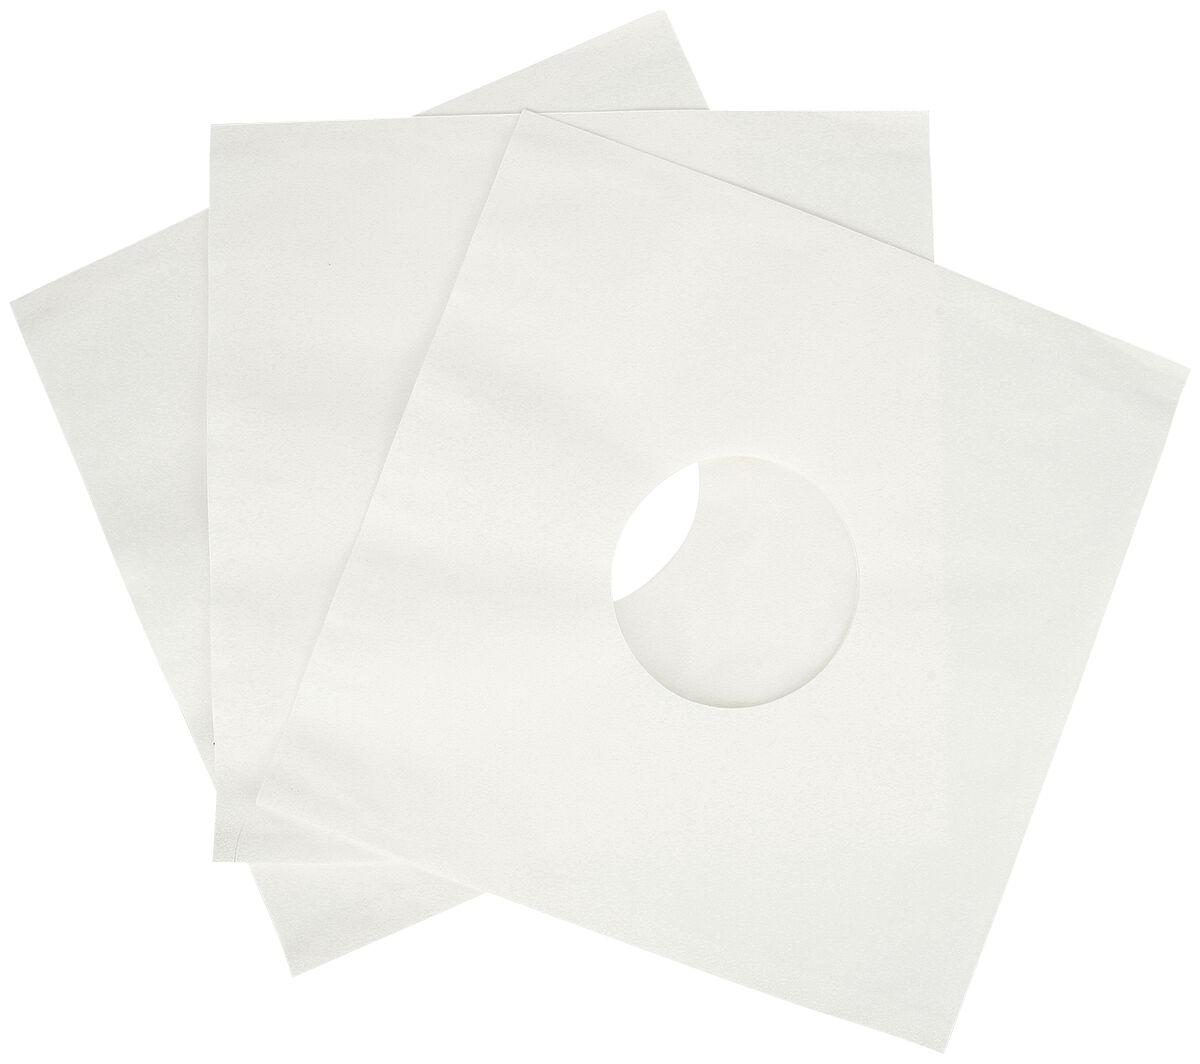 Vinyl-Innenhüllen (100 Stück)   Schutzhülle  Standard